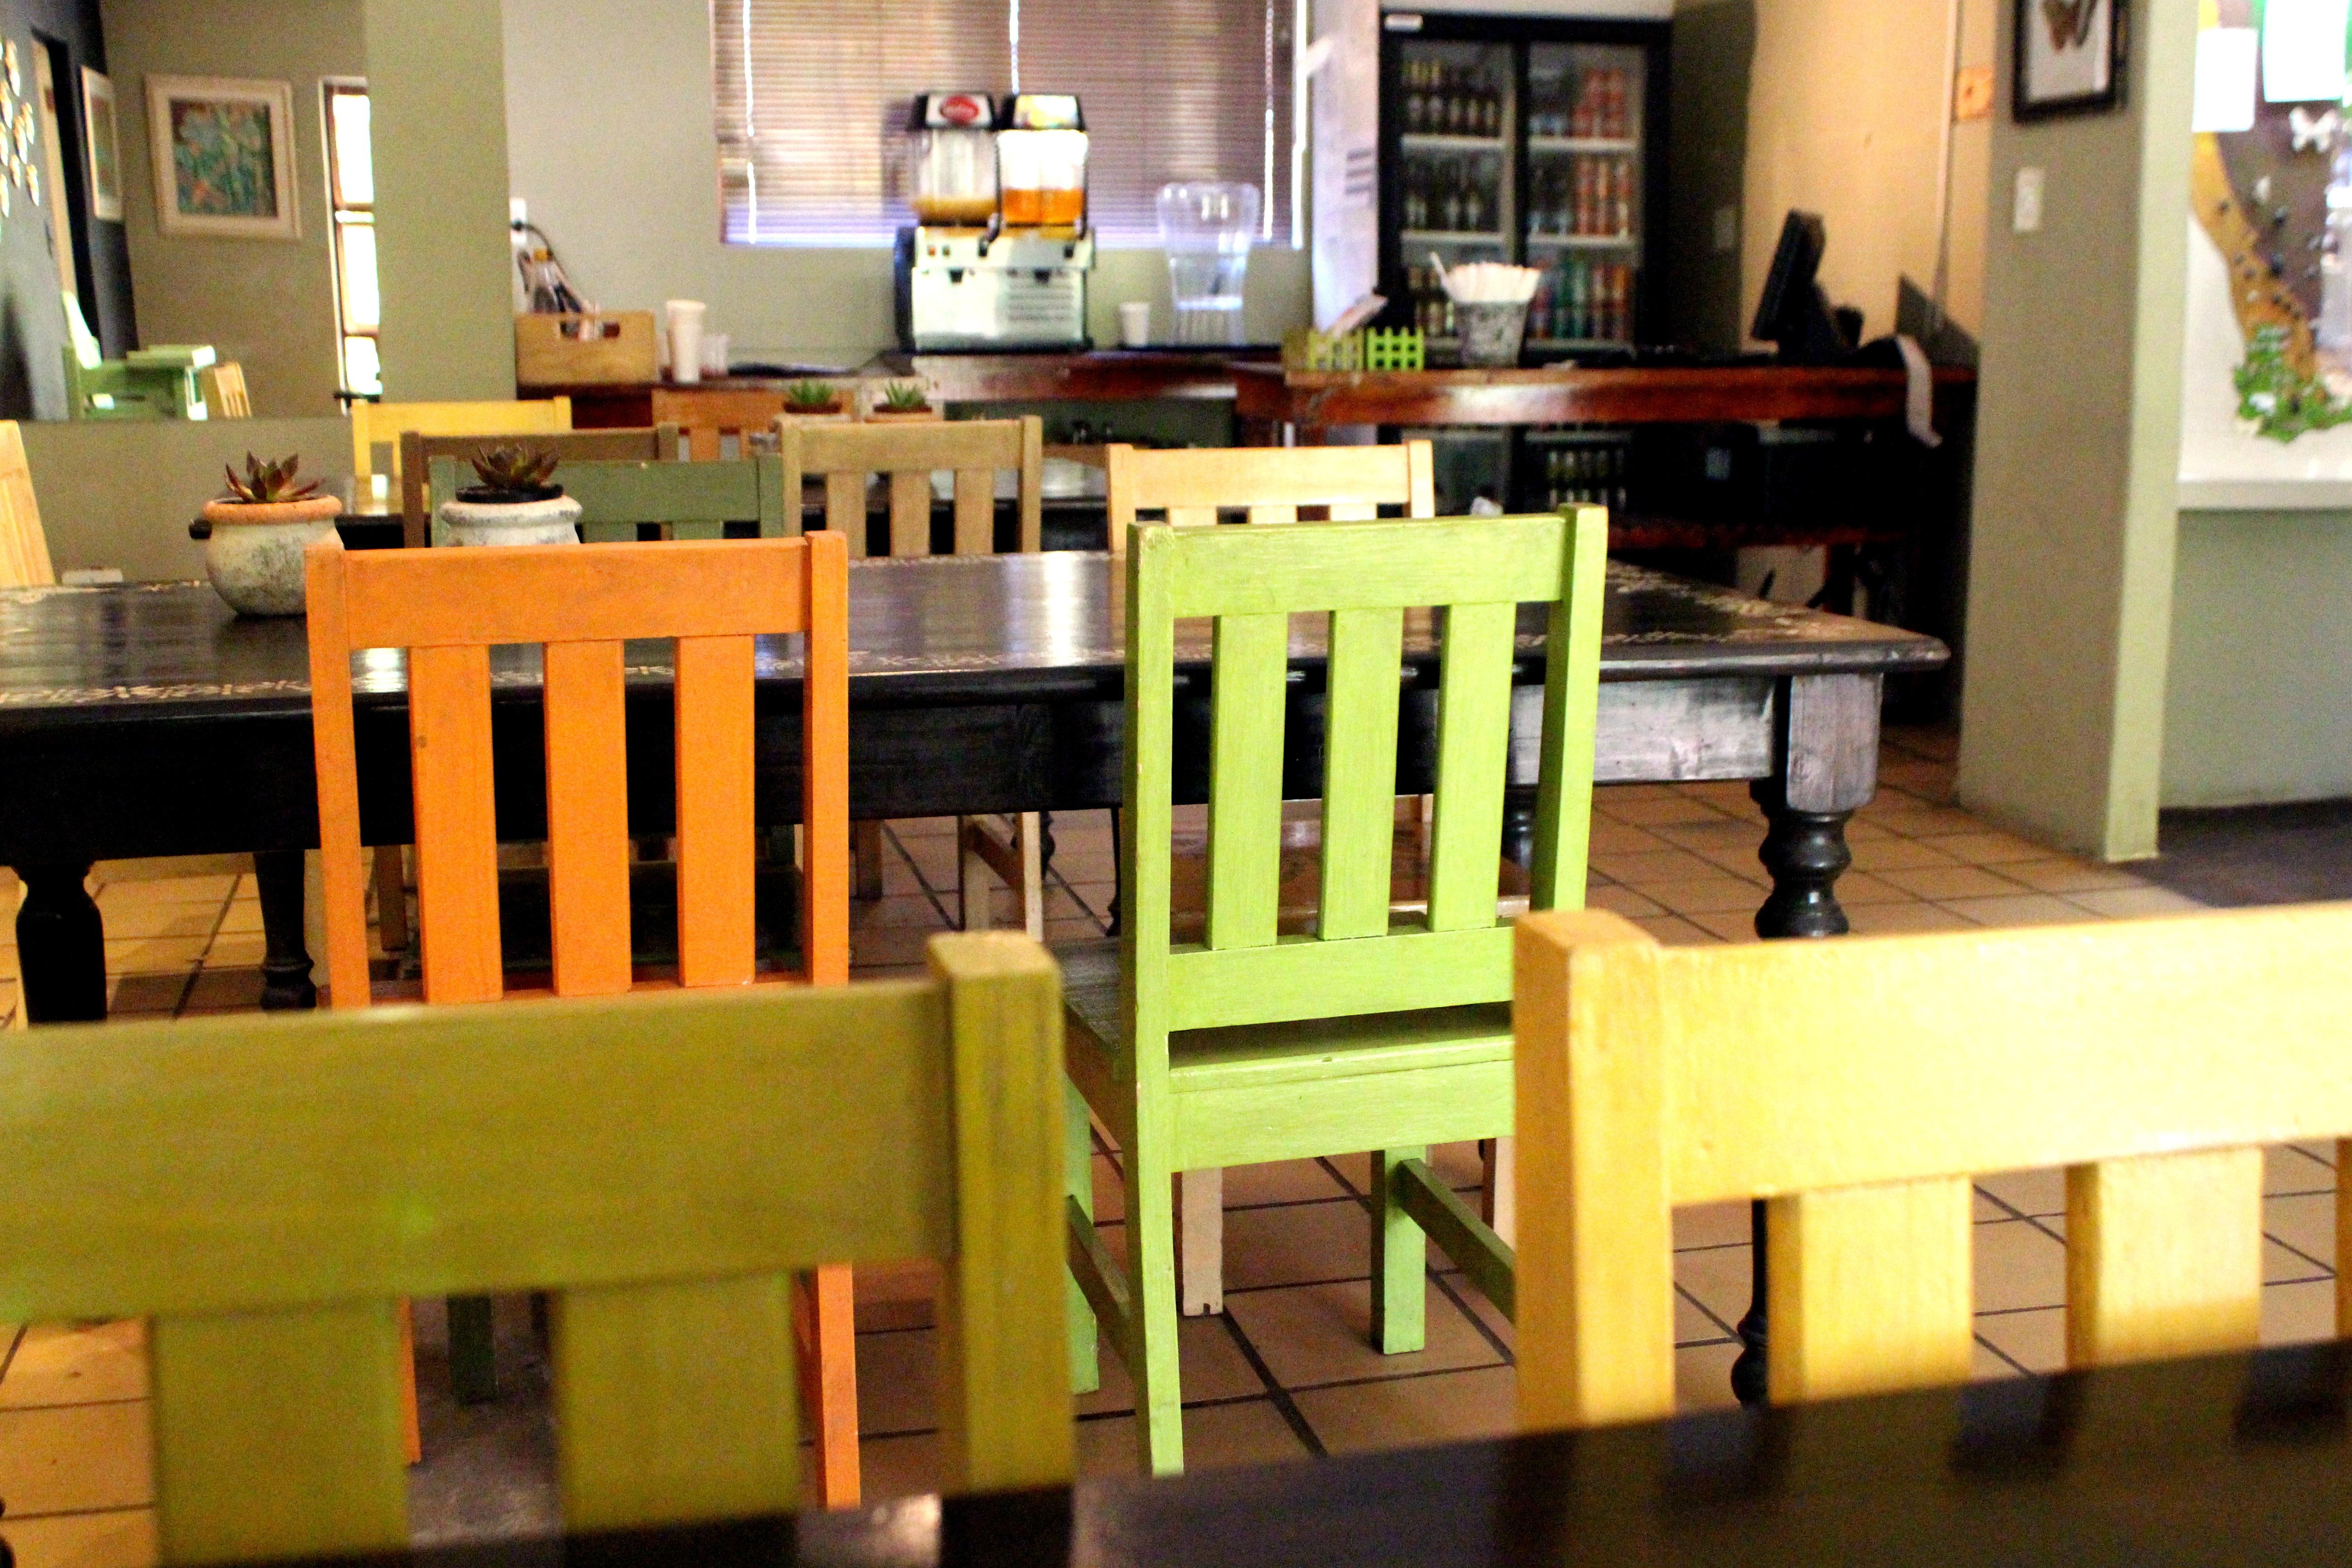 Images Gratuites : café, bois, restaurant, maison, Orange, repas ...